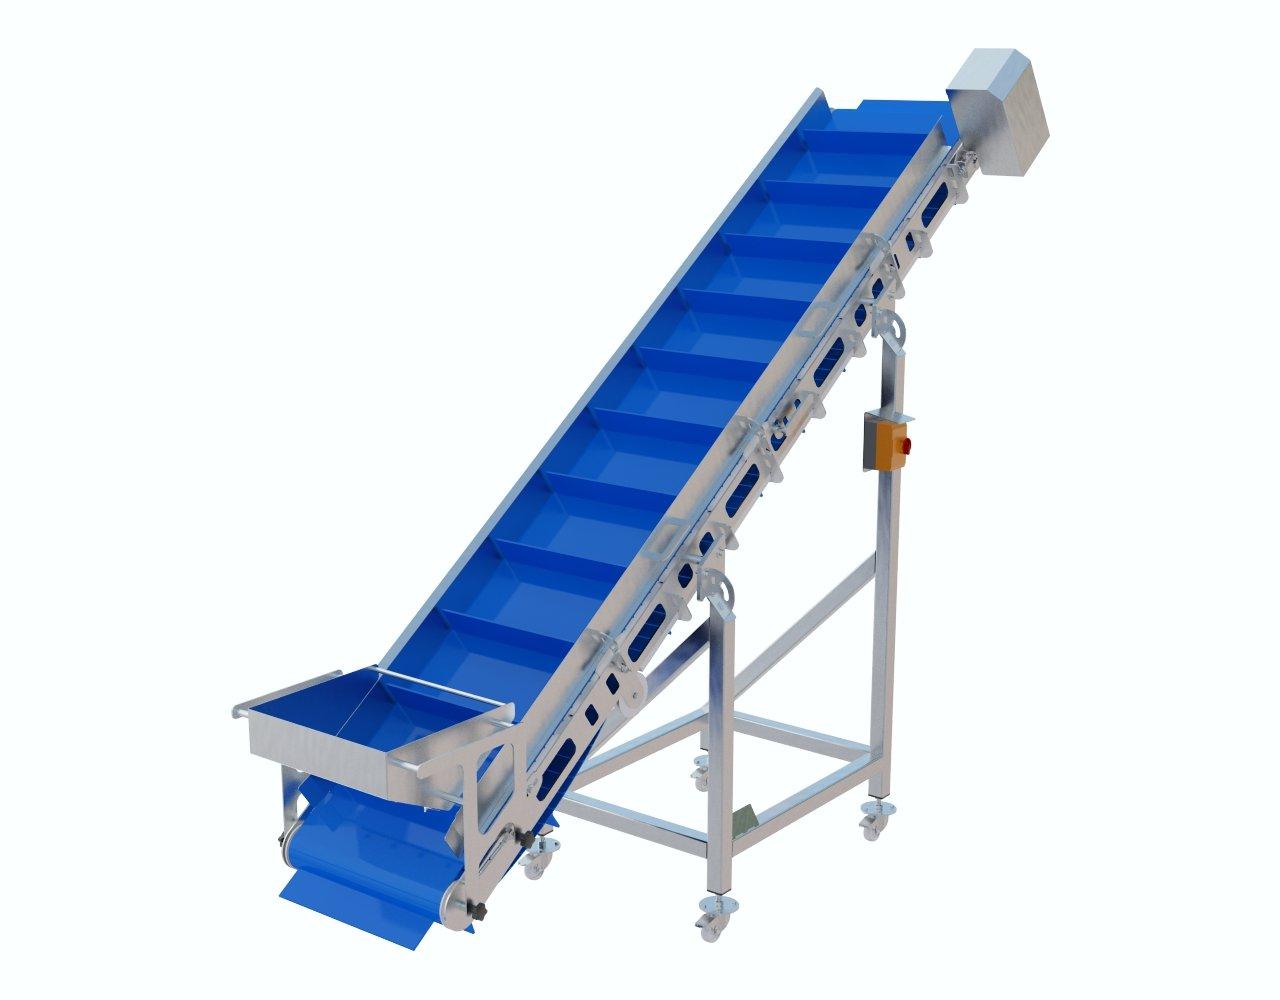 Taśmociąg wznoszący lamelowy doprowadzający produkt z poziomu podłogi do zasypu wilka, kostkownicy, separatora itd.